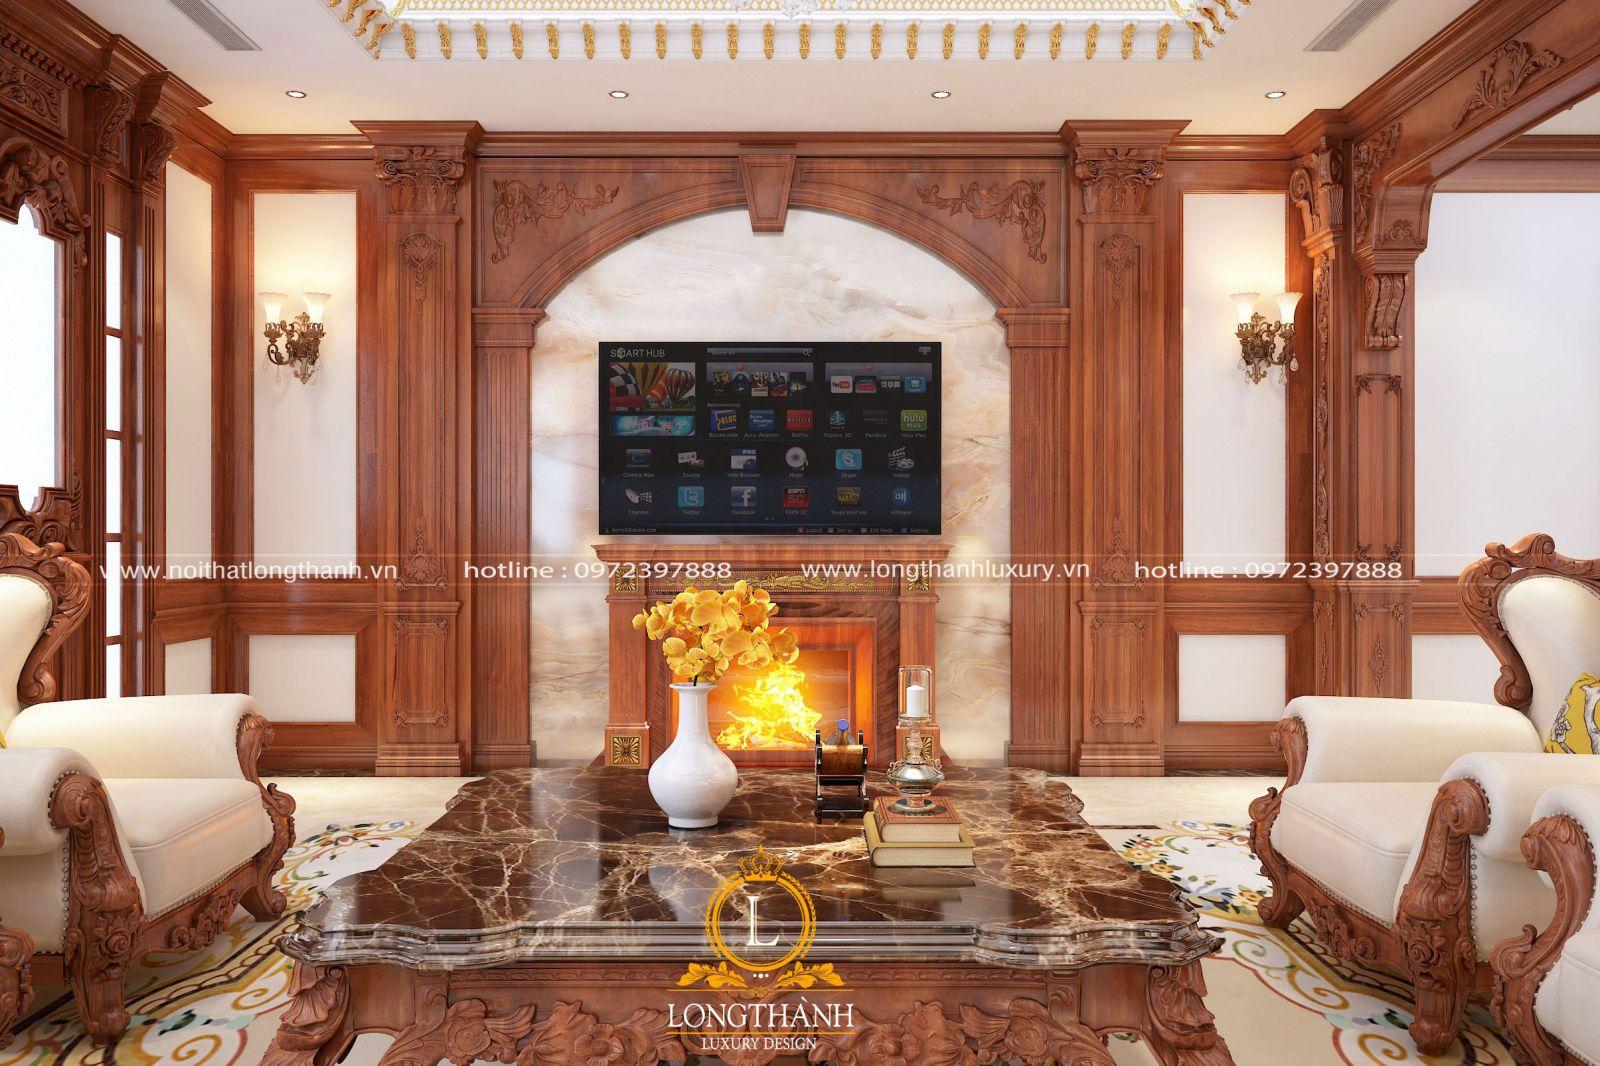 Phòng khách biệt thự tân cổ điển ấn tượng bởi lò sưởi ấm cúng